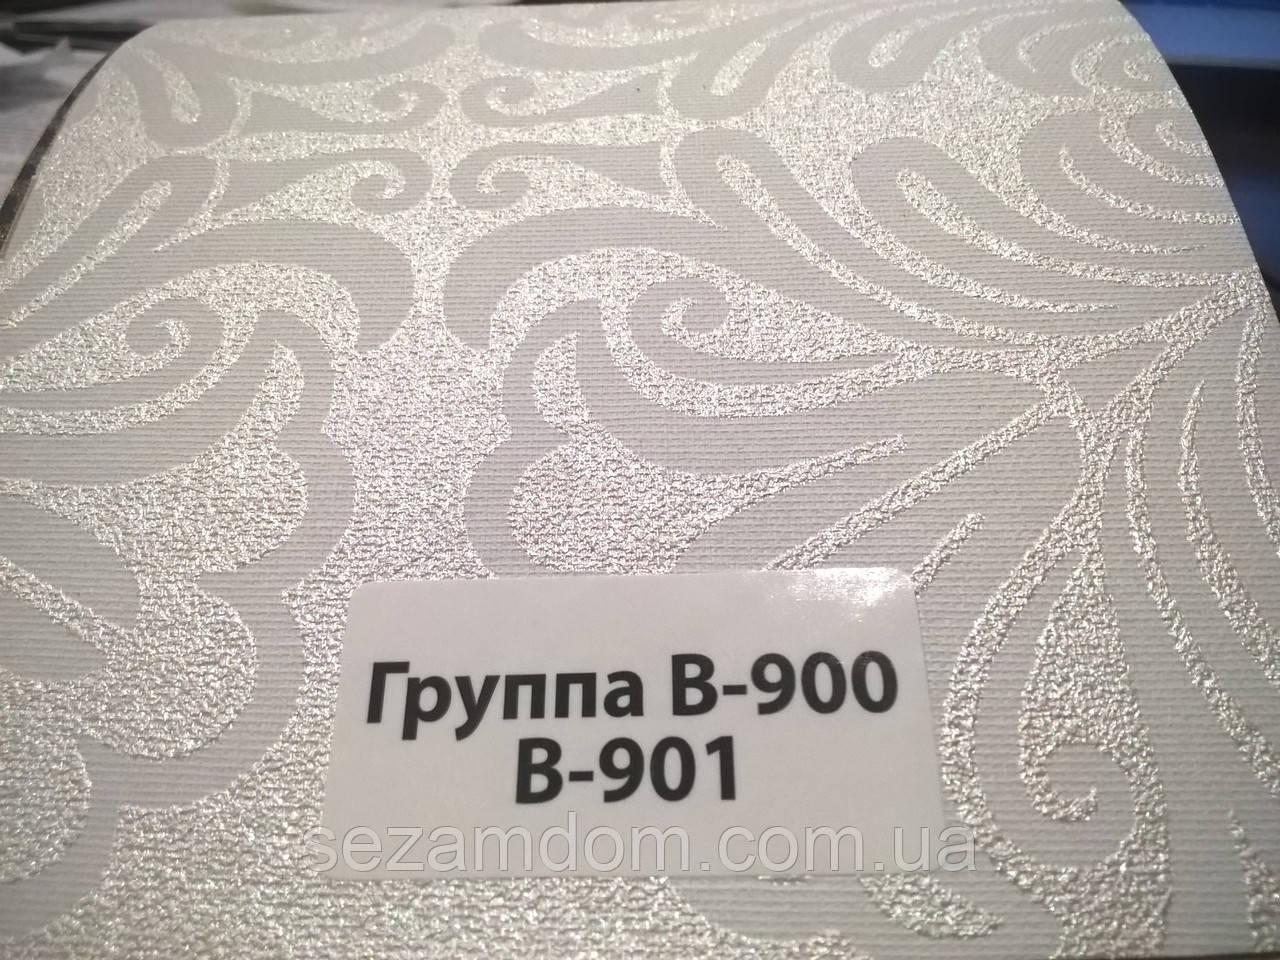 ГРУППА В900 (200 см)